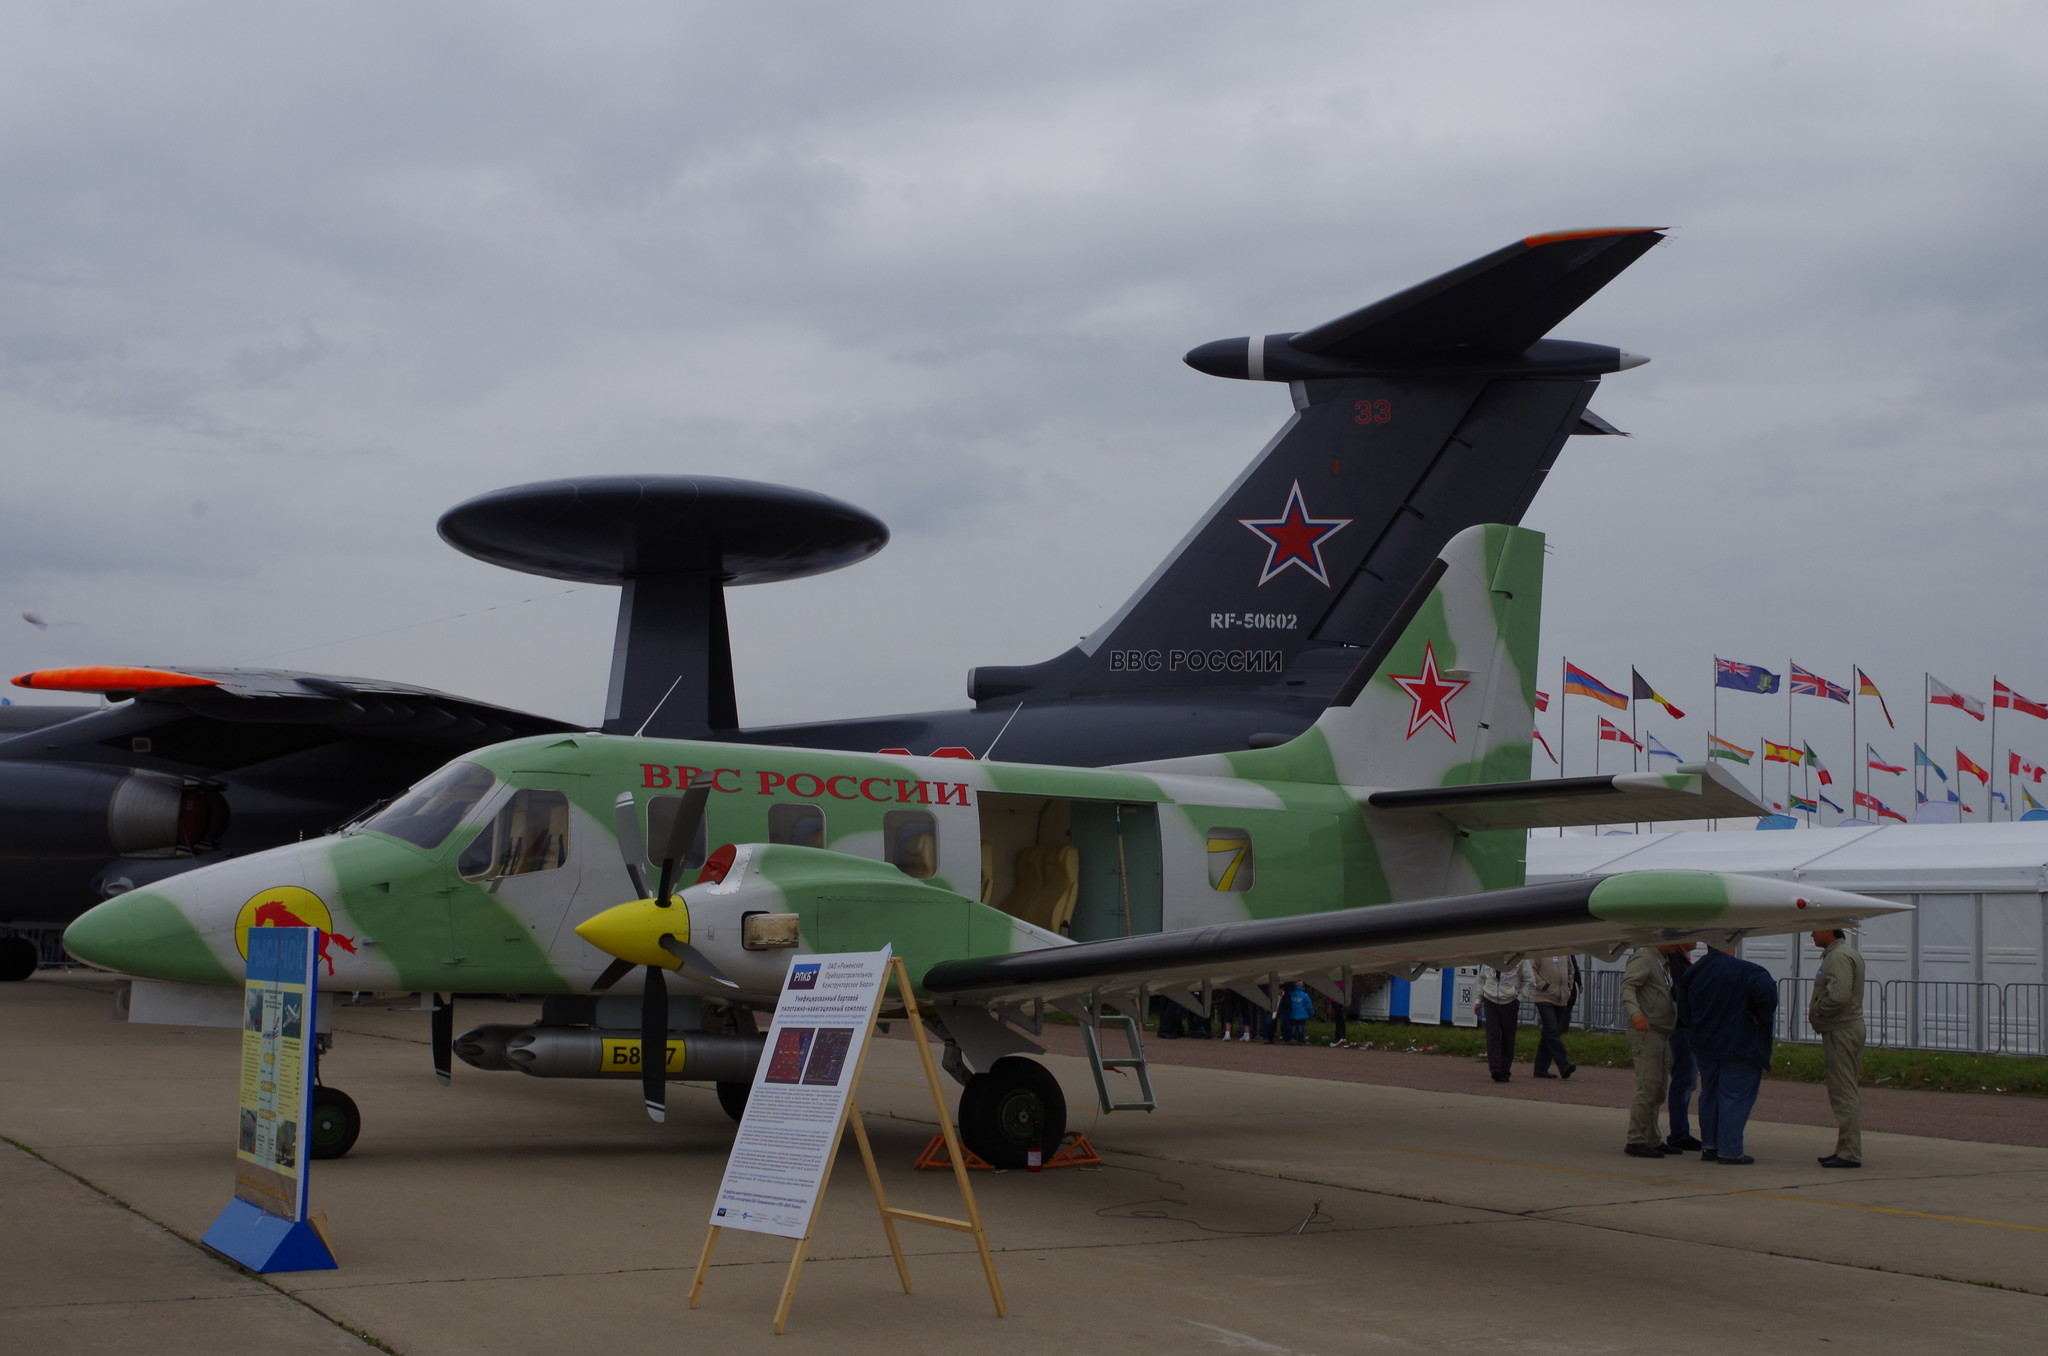 Лёгкий многоцелевой двухмоторный турбовинтовой самолёт «Рысачок»